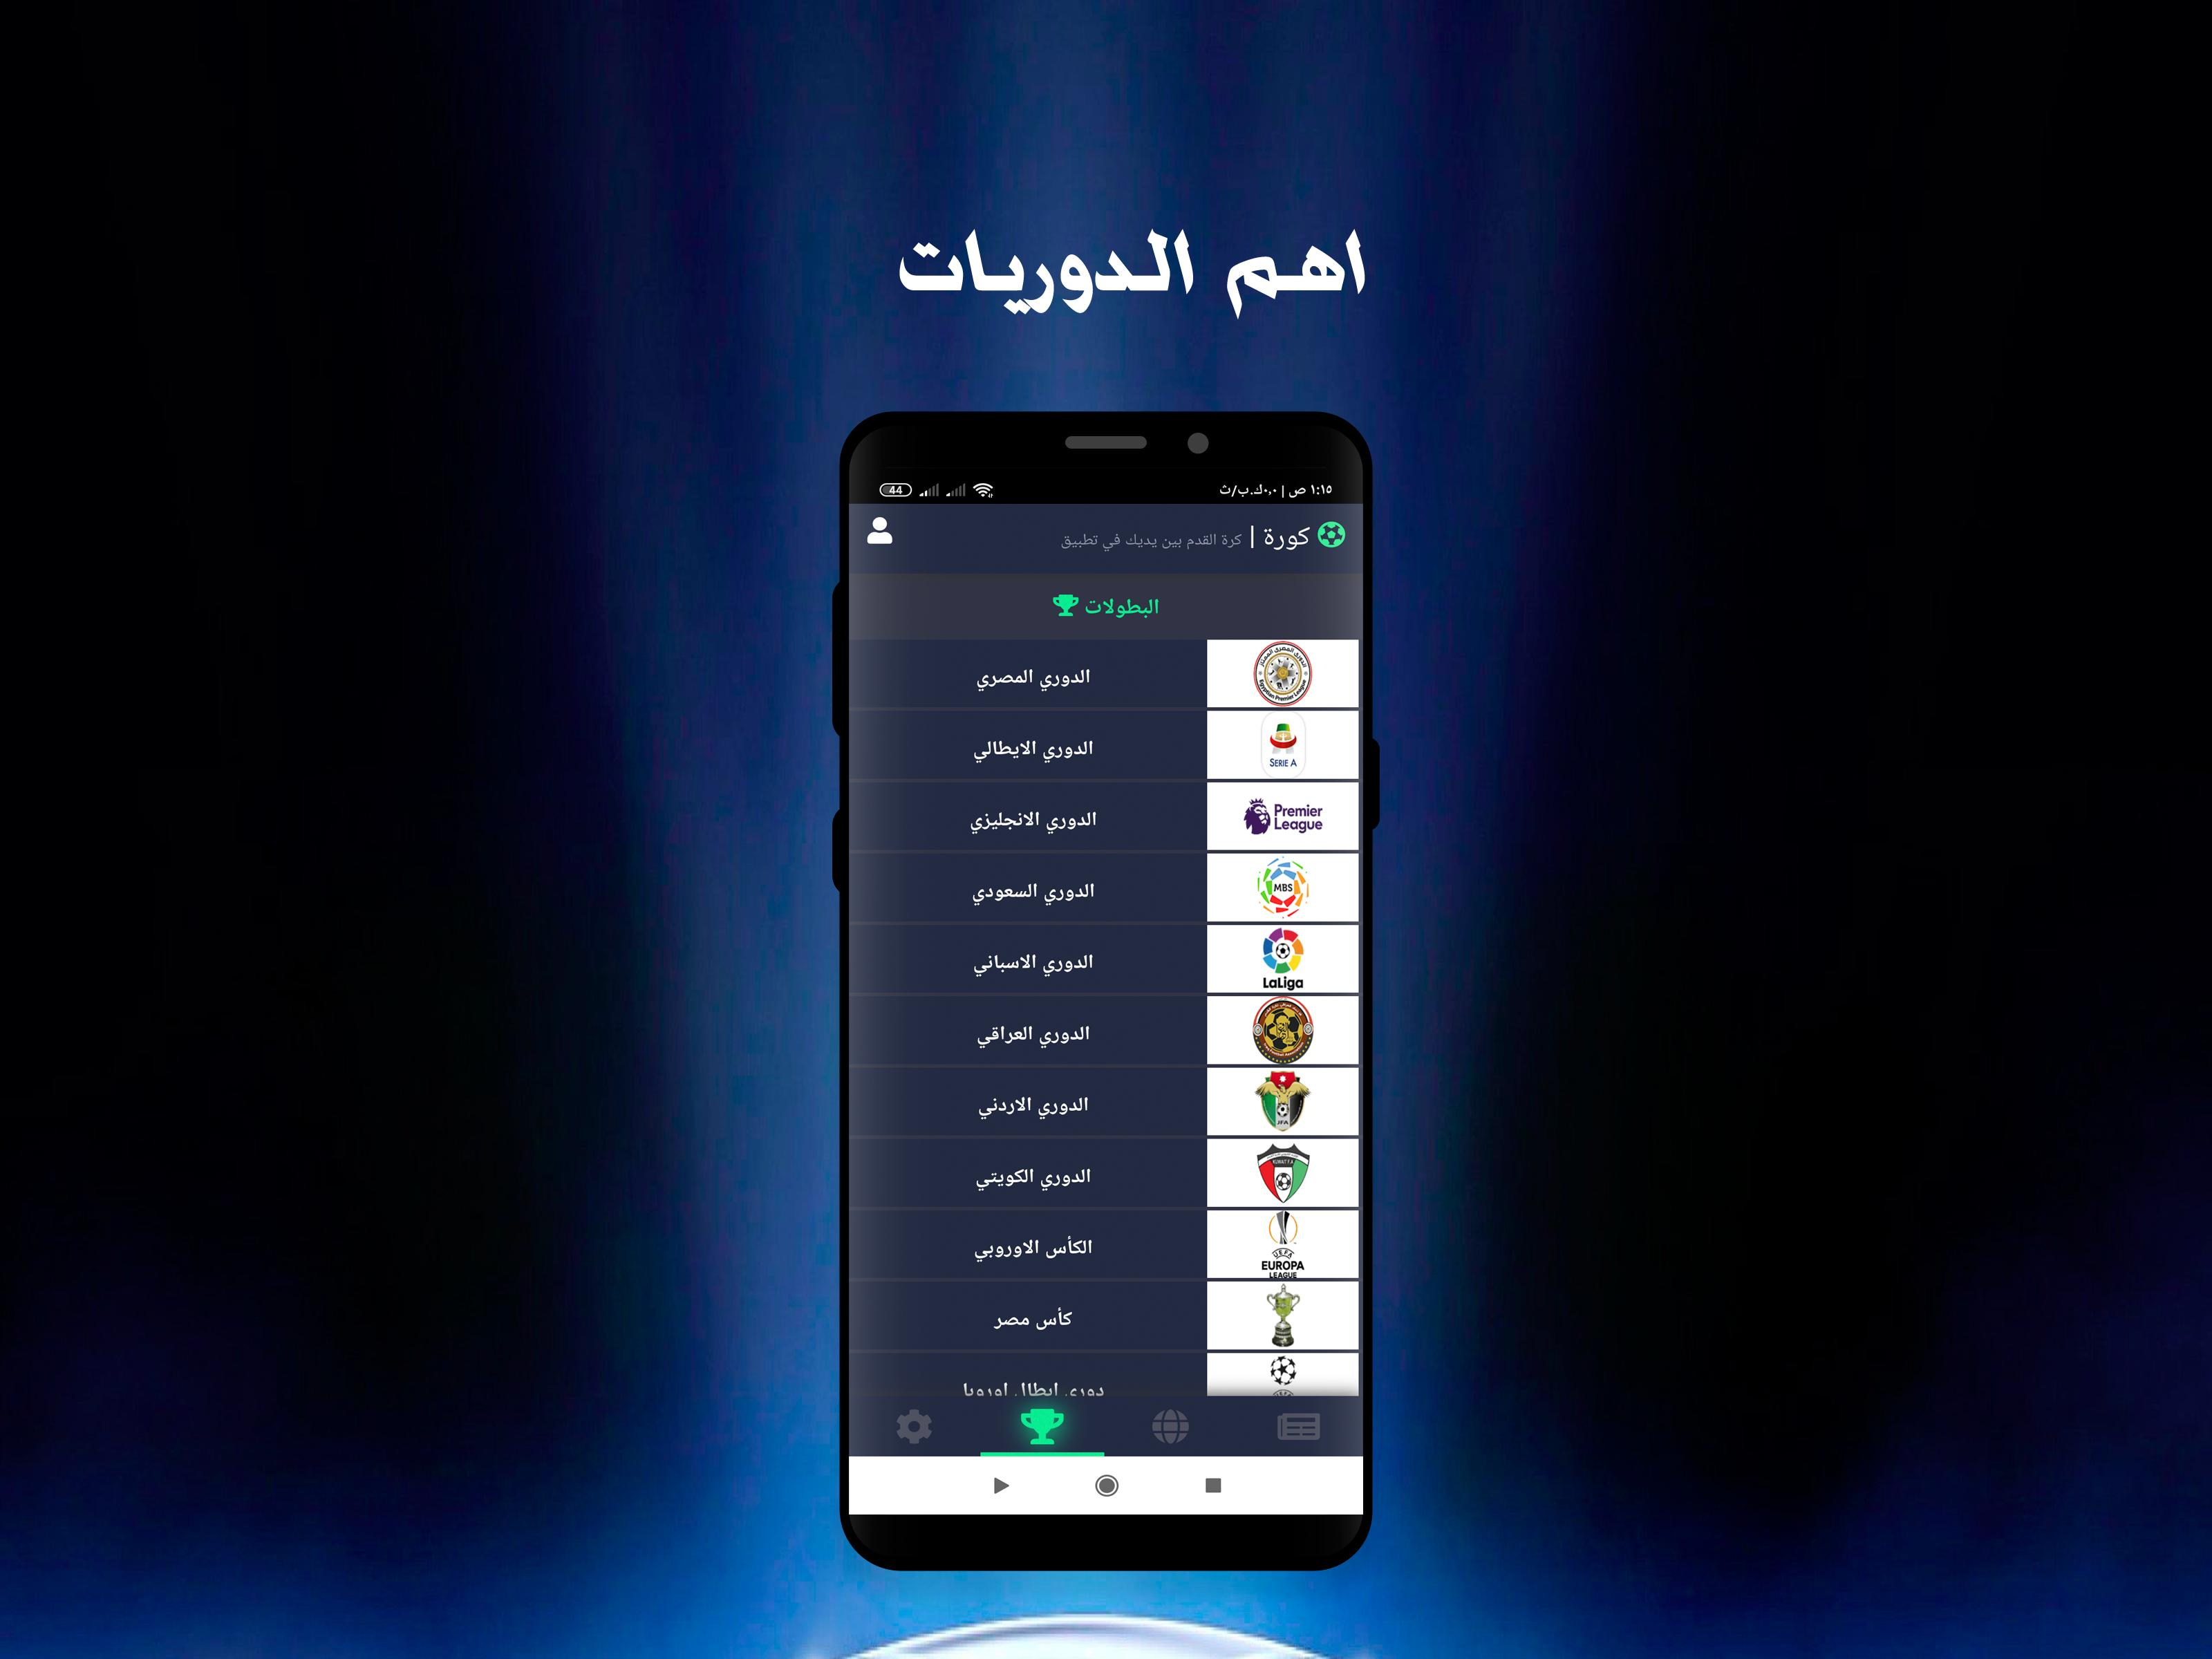 كورة الاصلي- اخبار ومباريات «اليوم،امس» متابعة حية for Android - APK  Download